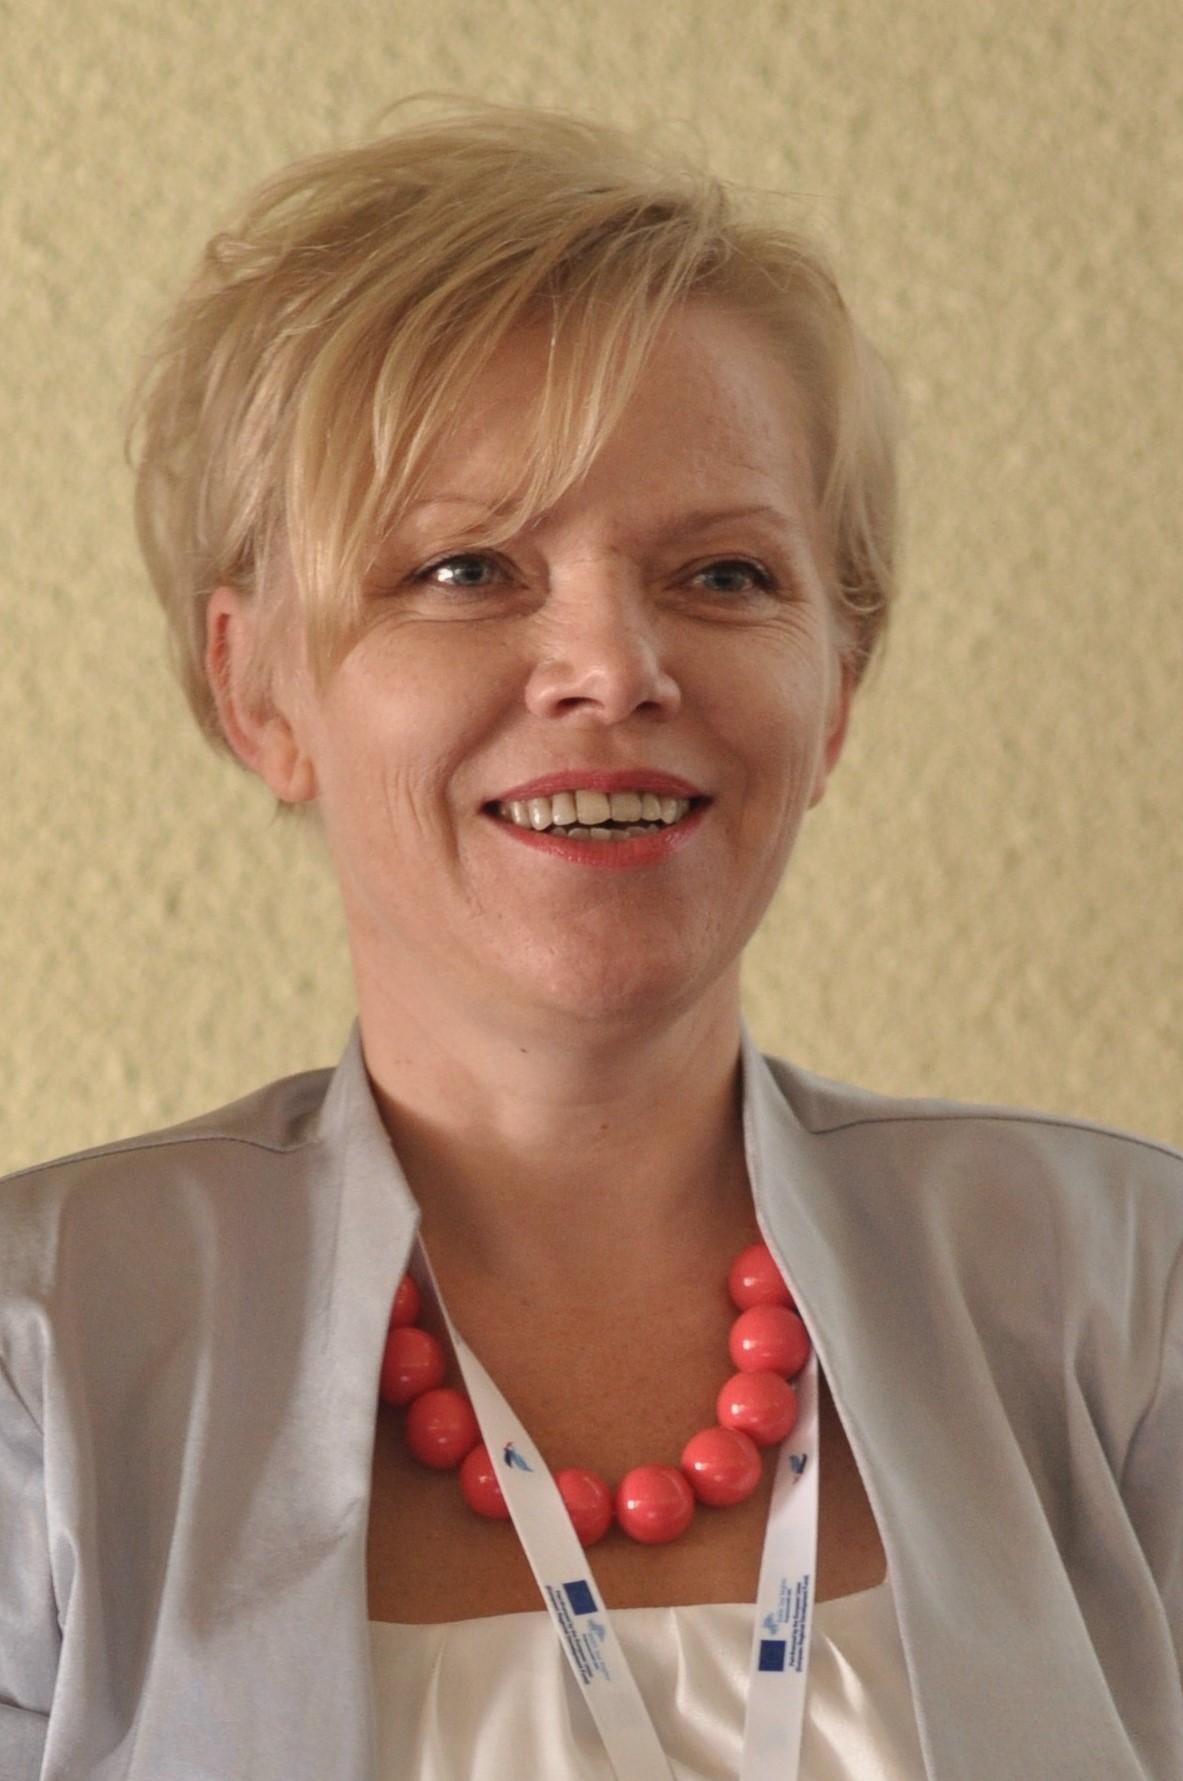 Joanna Przedrzymirska